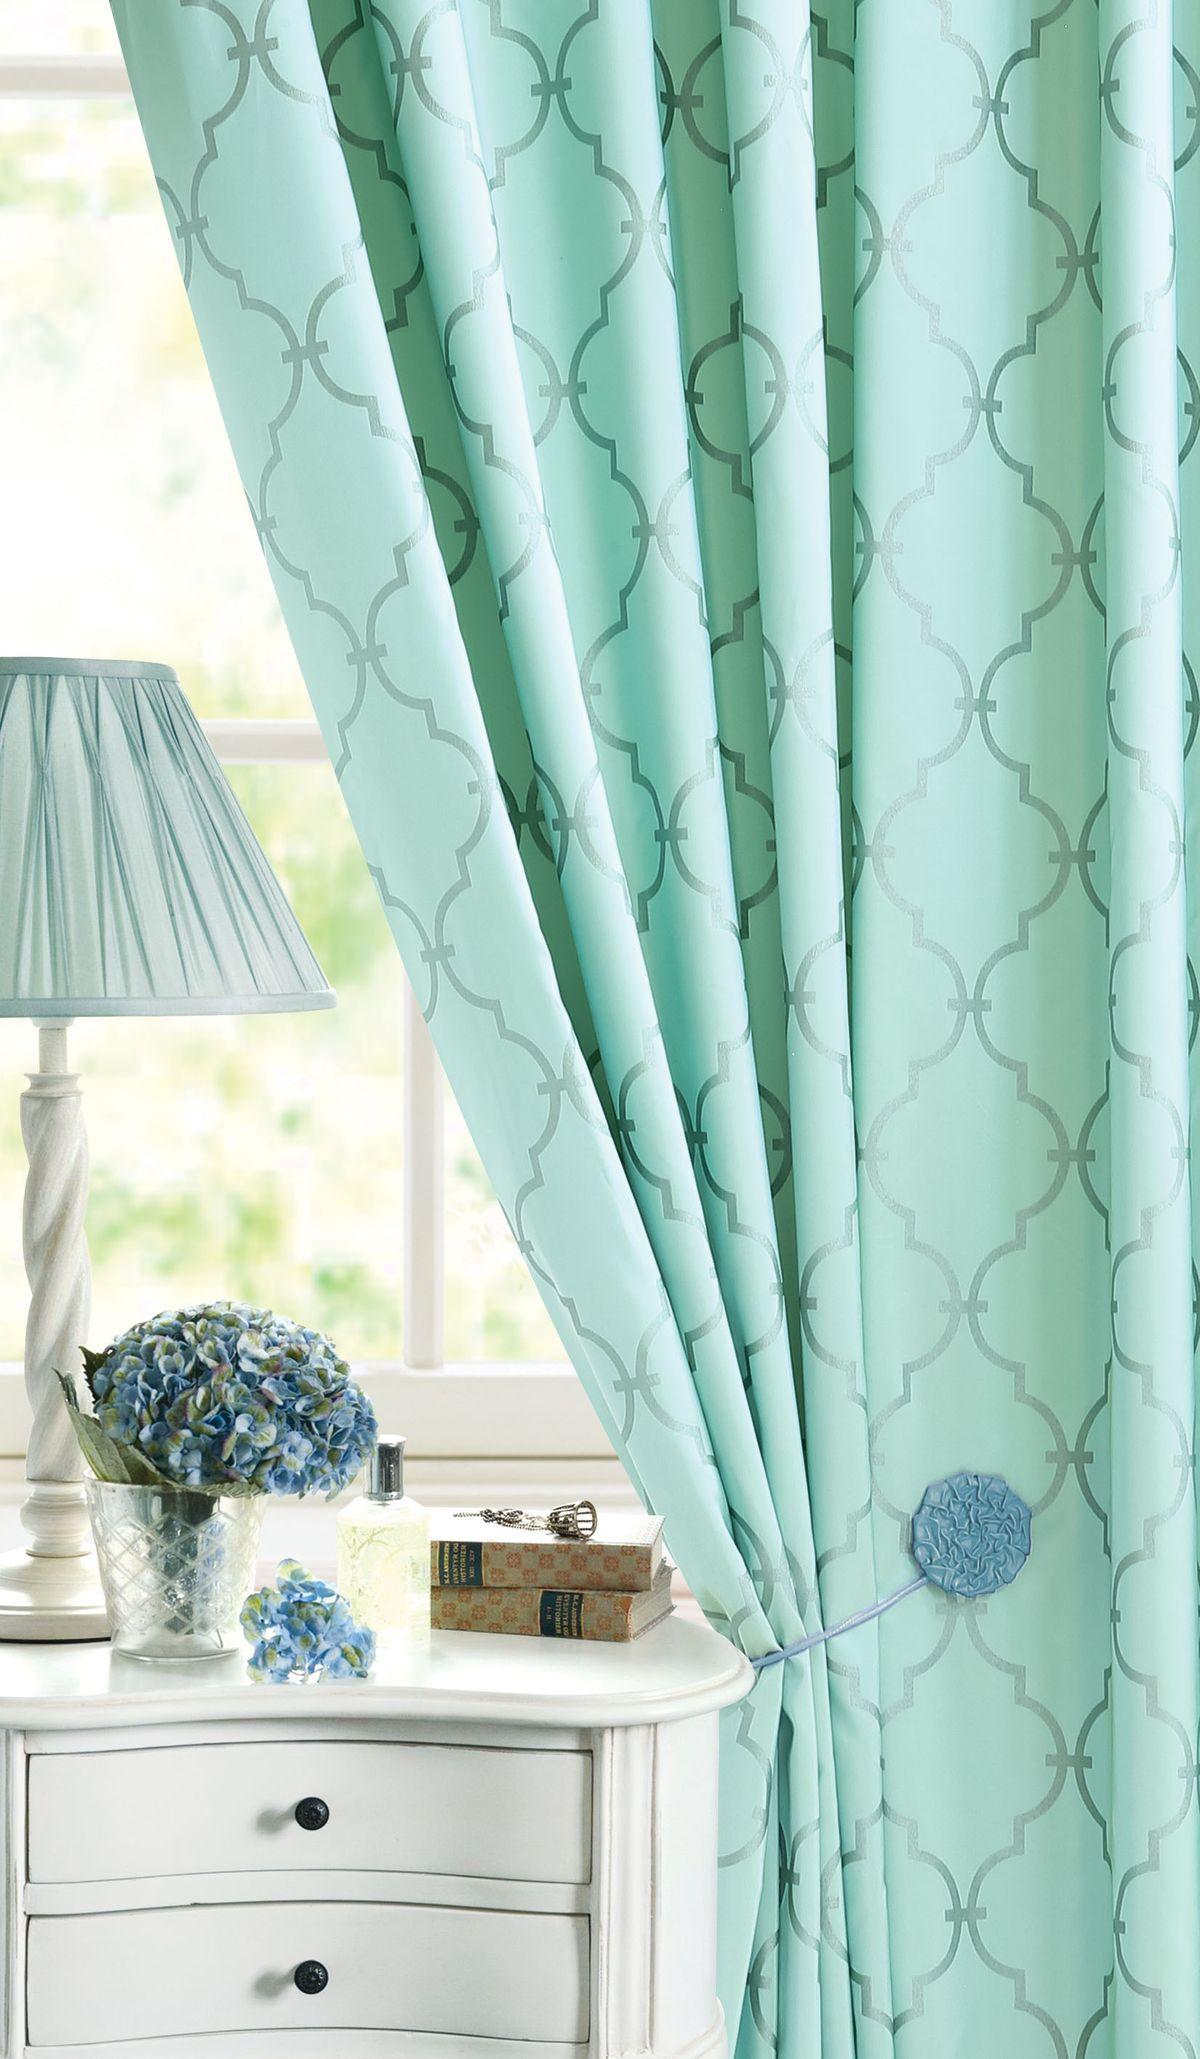 Изящная штора для гостиной Garden выполнена из ткани с оригинальной структурой. Приятная текстура и цвет штор привлекут к себе внимание и органично впишутся в интерьер помещения. Штора крепится на карниз при помощи ленты, которая поможет красиво и равномерно задрапировать верх.